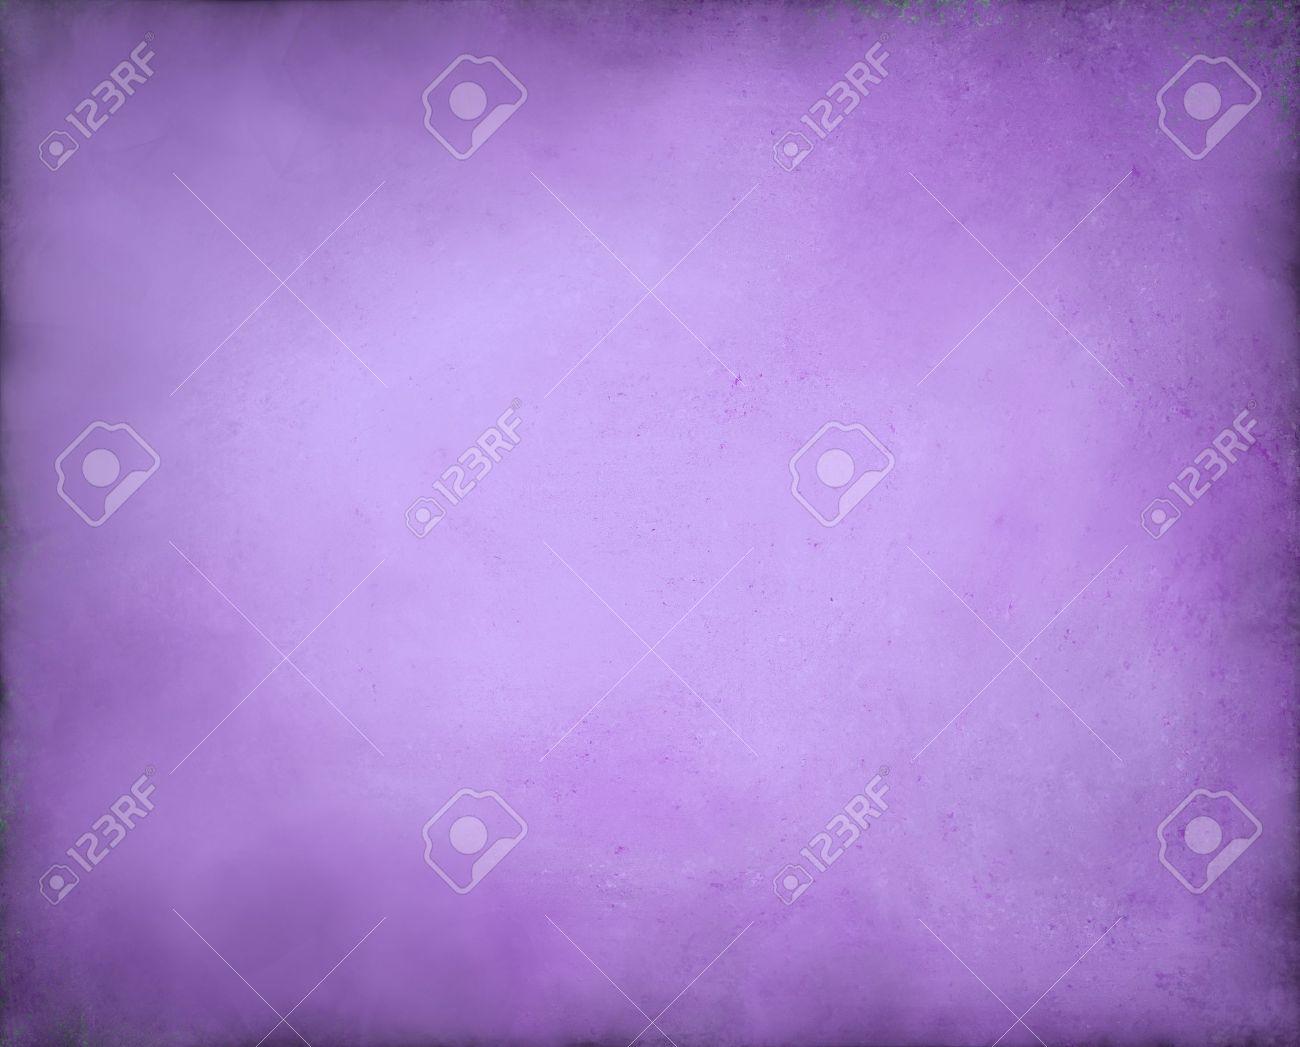 Resumen De Antecedentes De Color Púrpura O Lila De Fondo De Color ...